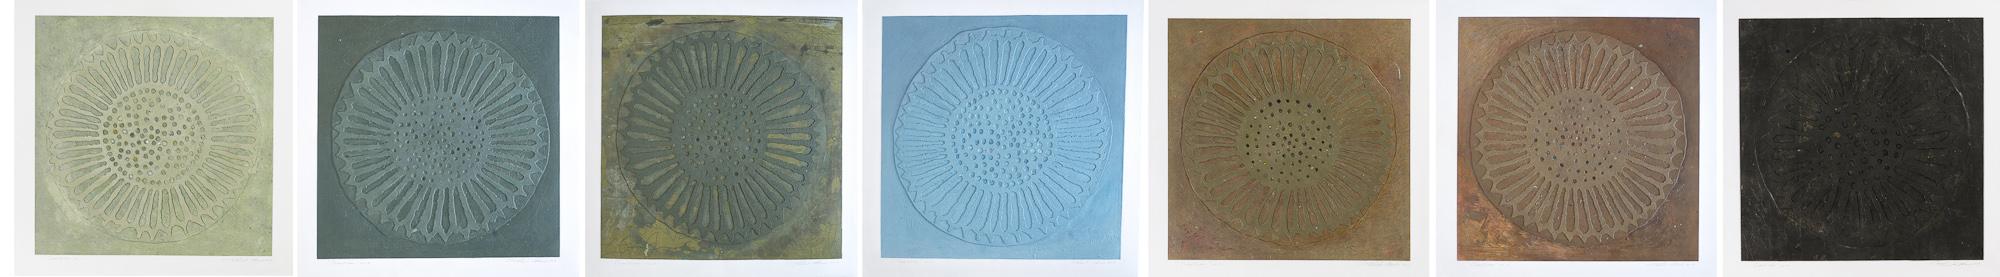 Coquillage, no 1 à 7, 2009 - 2013. Acrylique sur papier fort, 57 x 399 cm.